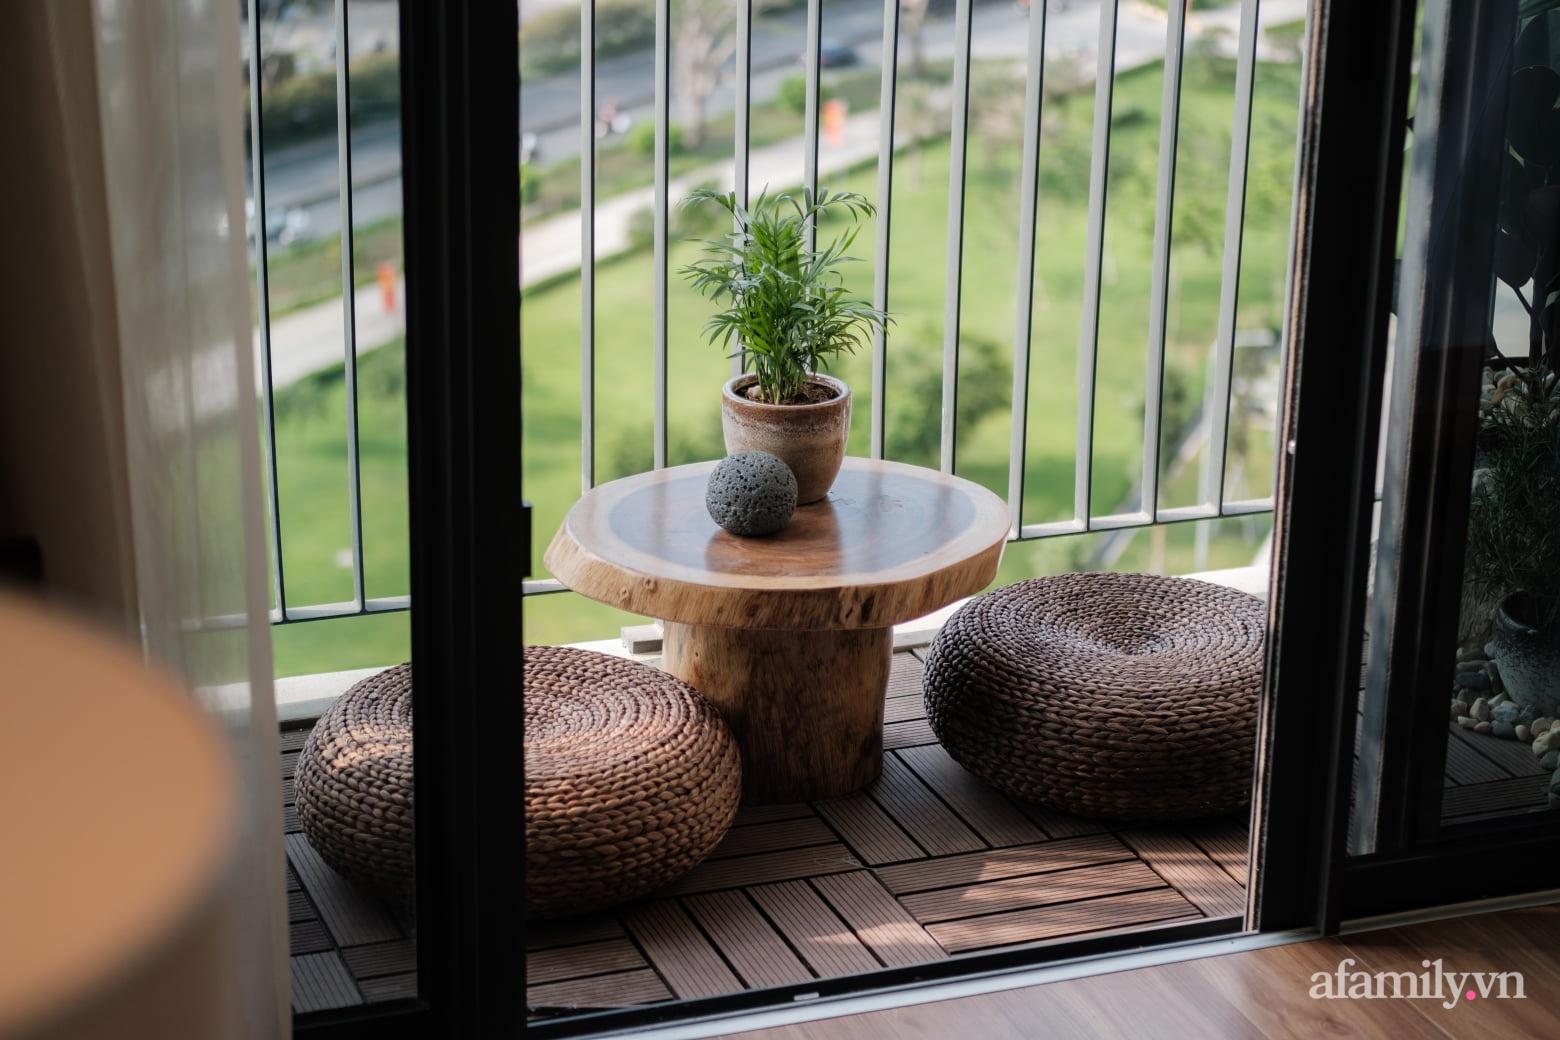 Căn hộ 60m² đẹp tĩnh lặng và tinh tế mang hơi thở của Zen ở quận 7 Sài Gòn - Ảnh 12.